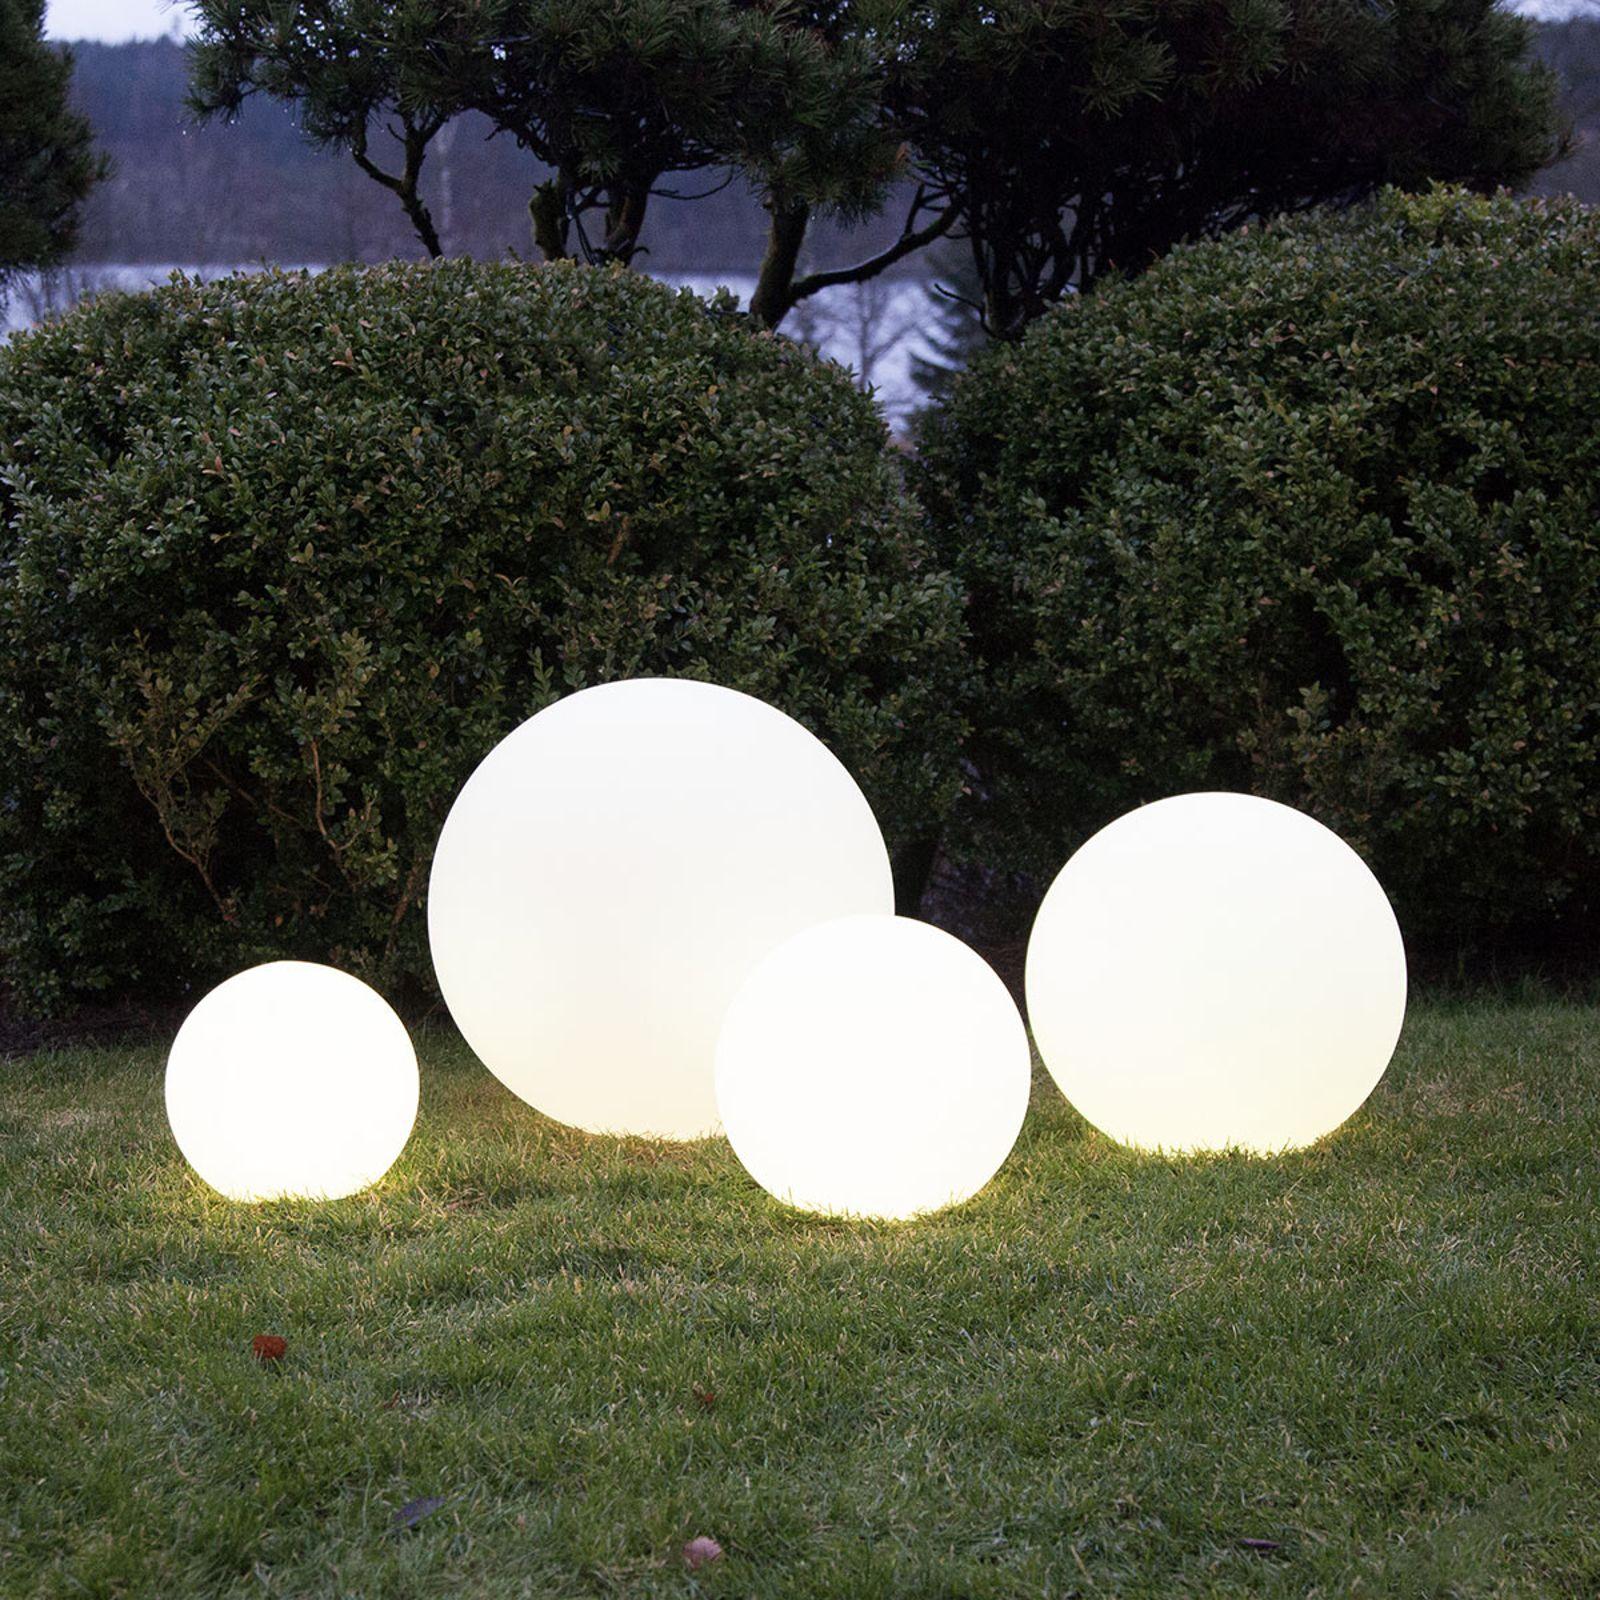 Sphere Led Pratique Twilights Avec Telecommande Leuchtkugeln Garten Kugelleuchten Garten Solarleuchten Garten